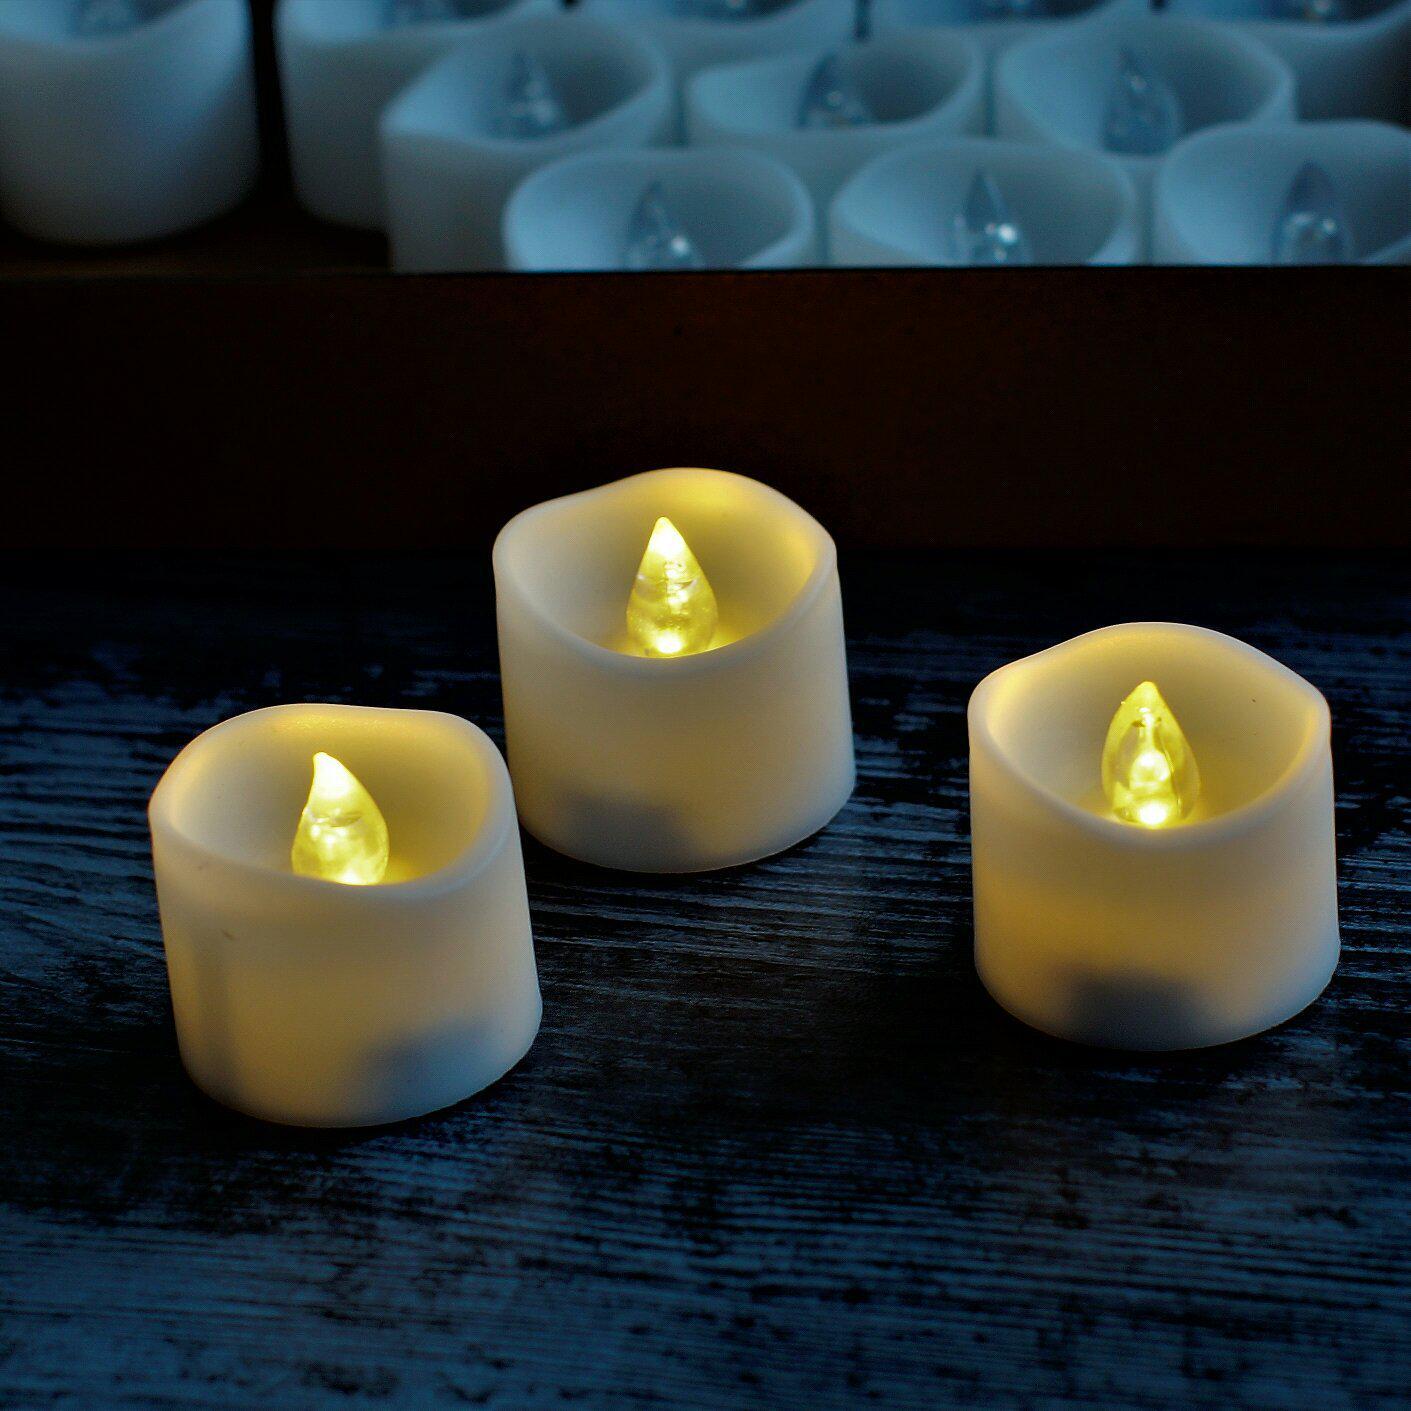 Светодиодные свечи на батарейках - CR 2032 - обзор